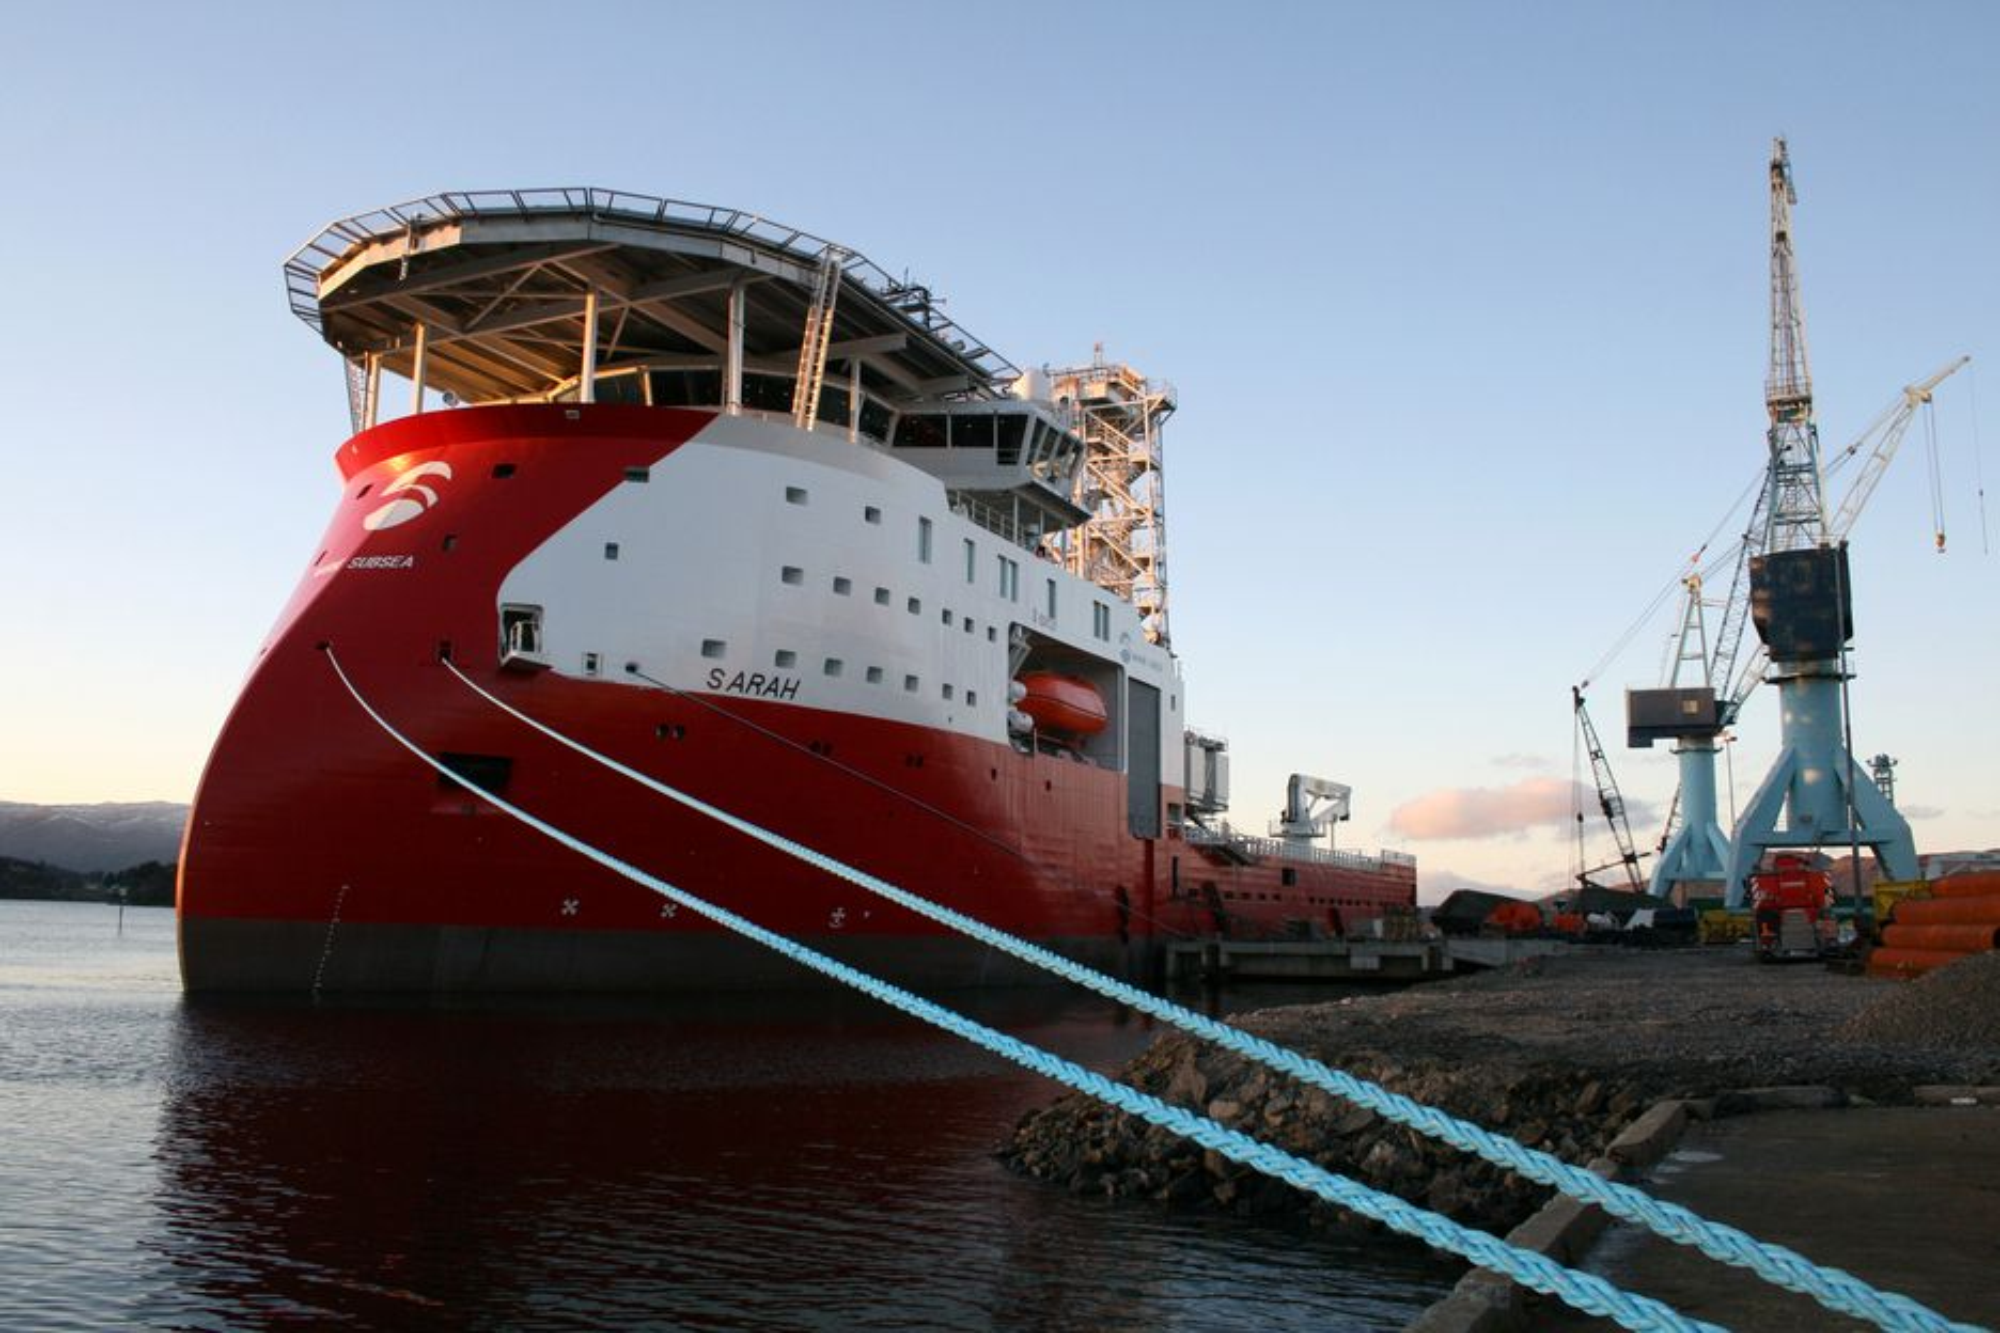 STOLTE SARAH: Finansieringen av Sarah kom på plass før jul slik at Maritme Subsea kan sette skipet inn på en jobb utenfor Angola seks måneder forsinket.